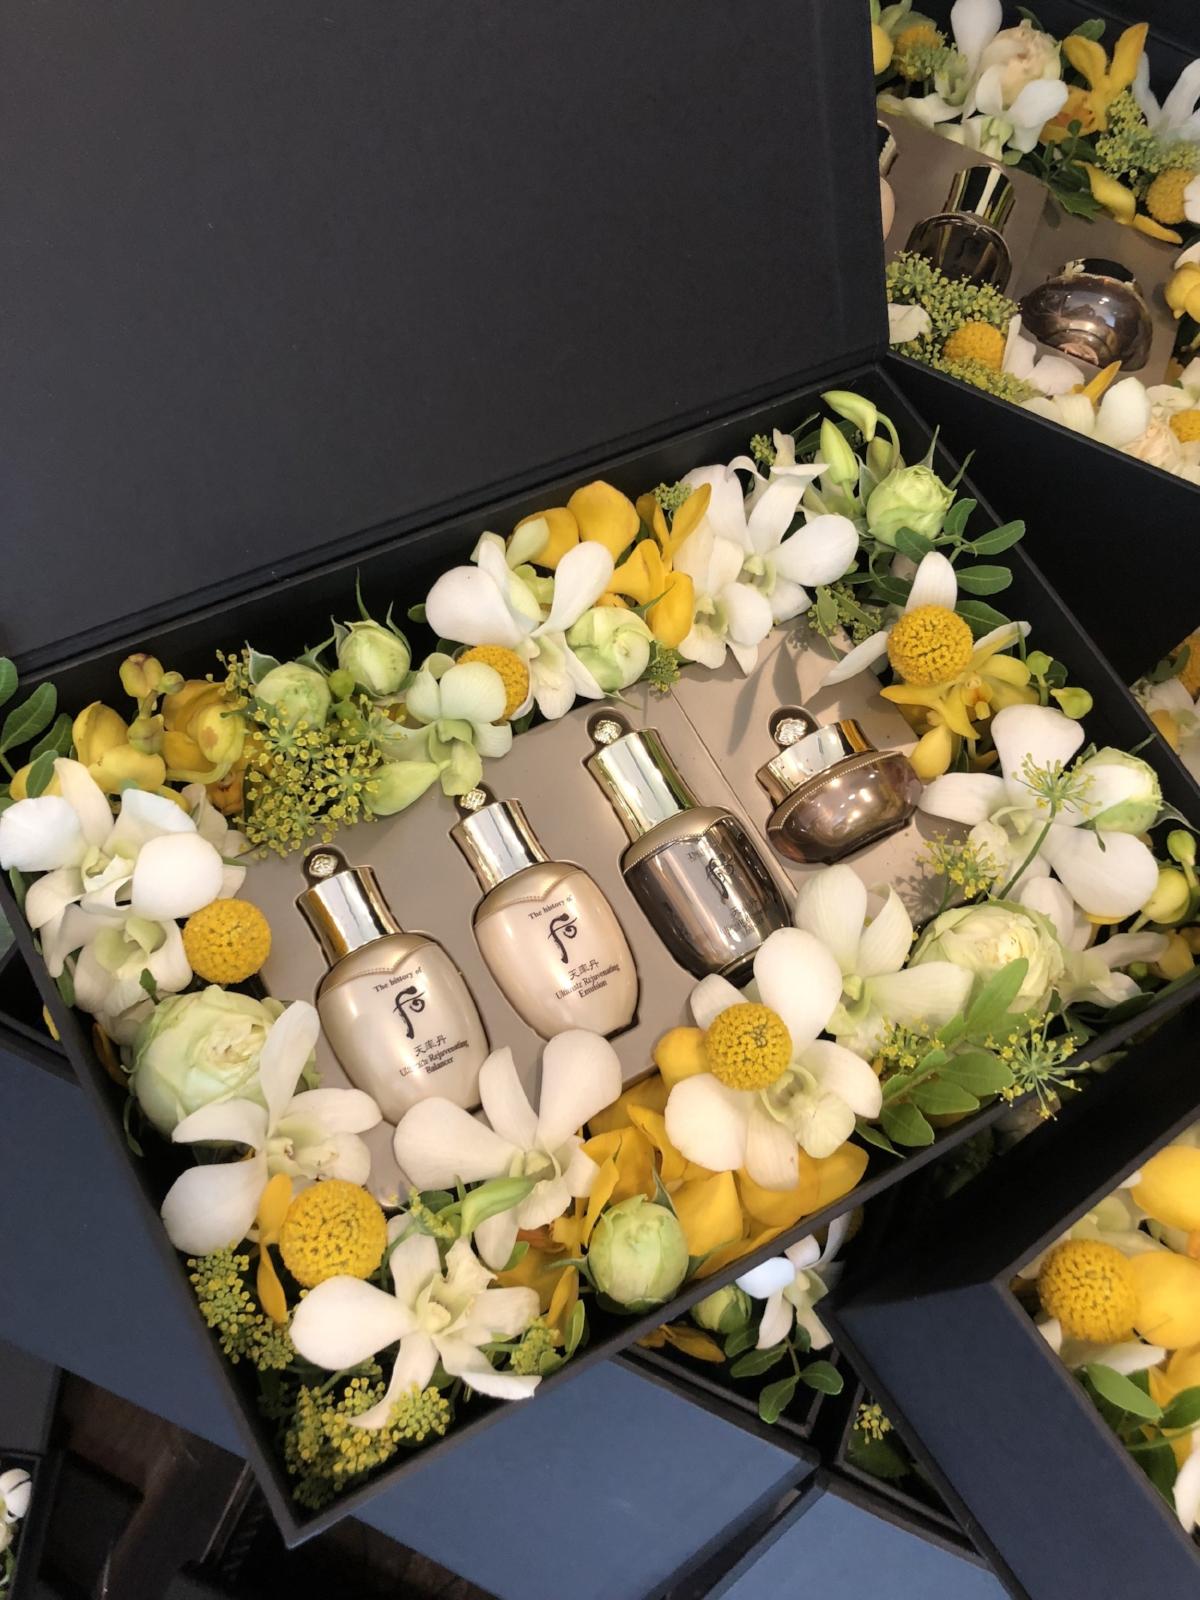 Whoo.flowerbox.jpg